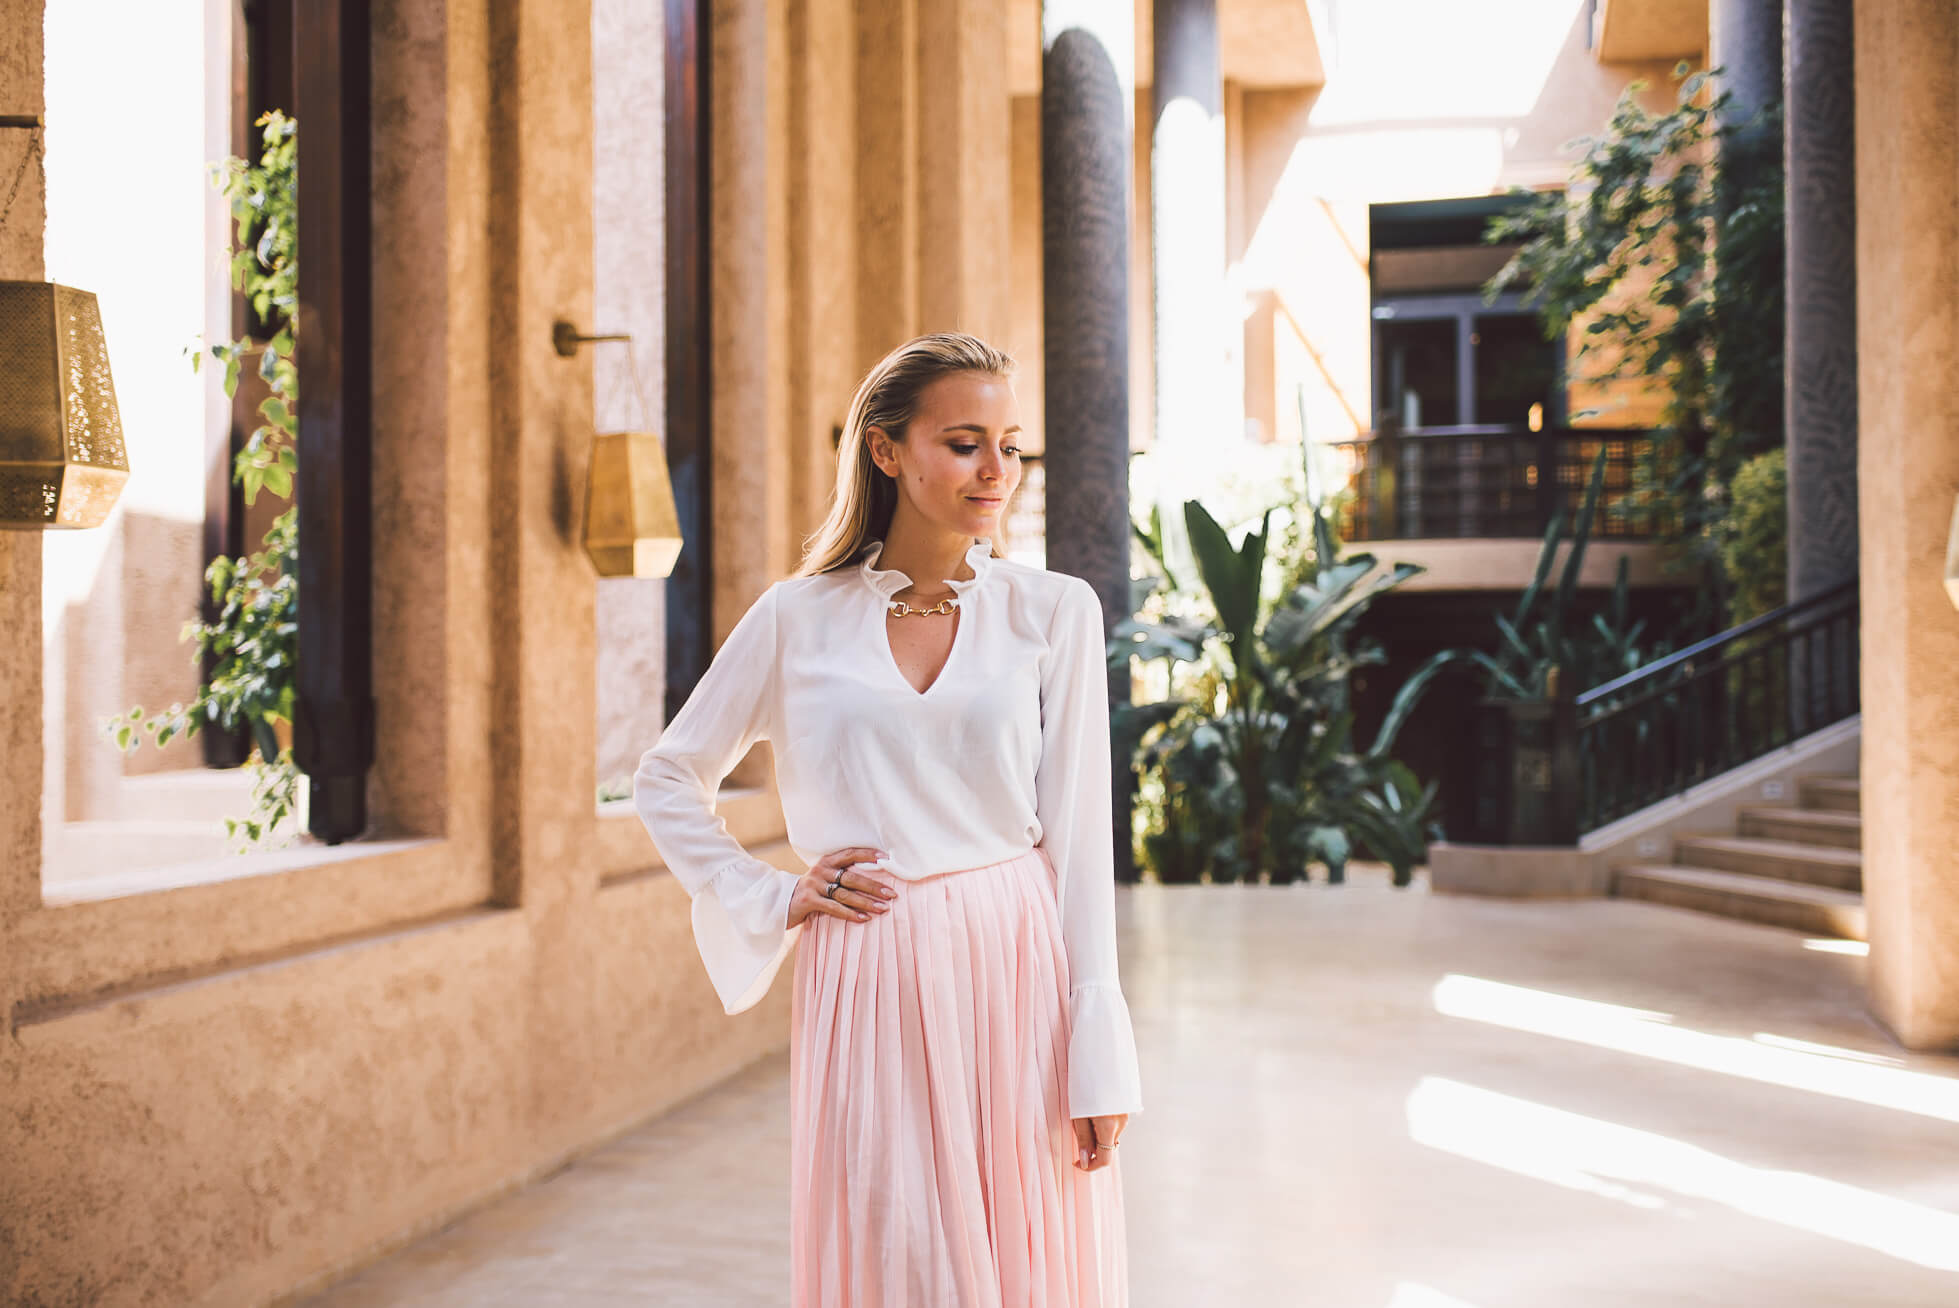 janni-deler-pink-skirtDSC_1324